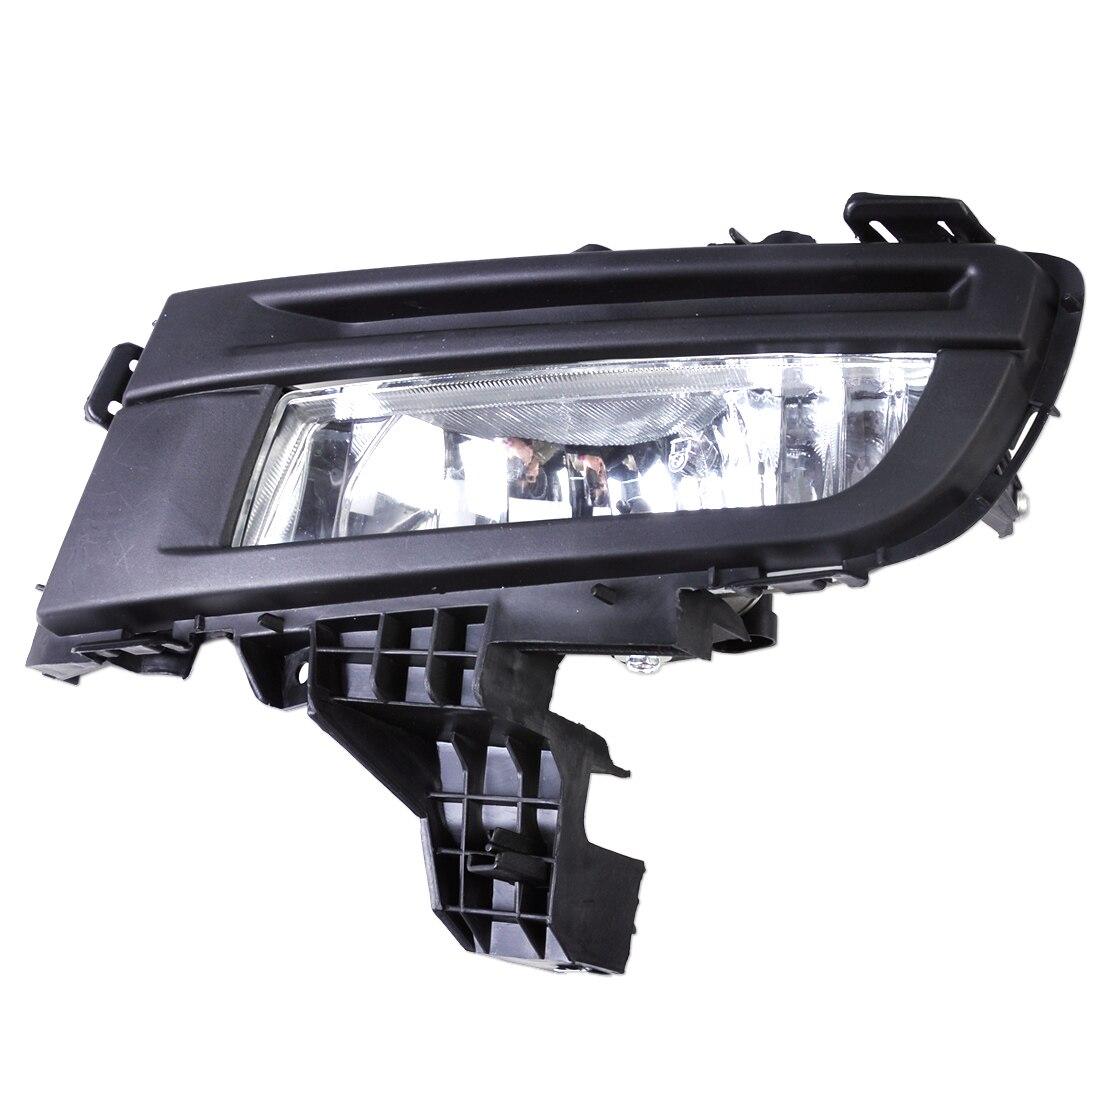 DWCX MA2592113 передний левый Противотуманные фары лампы для Mazda 3 2007 2008 2009 прибл. 29см х 12см